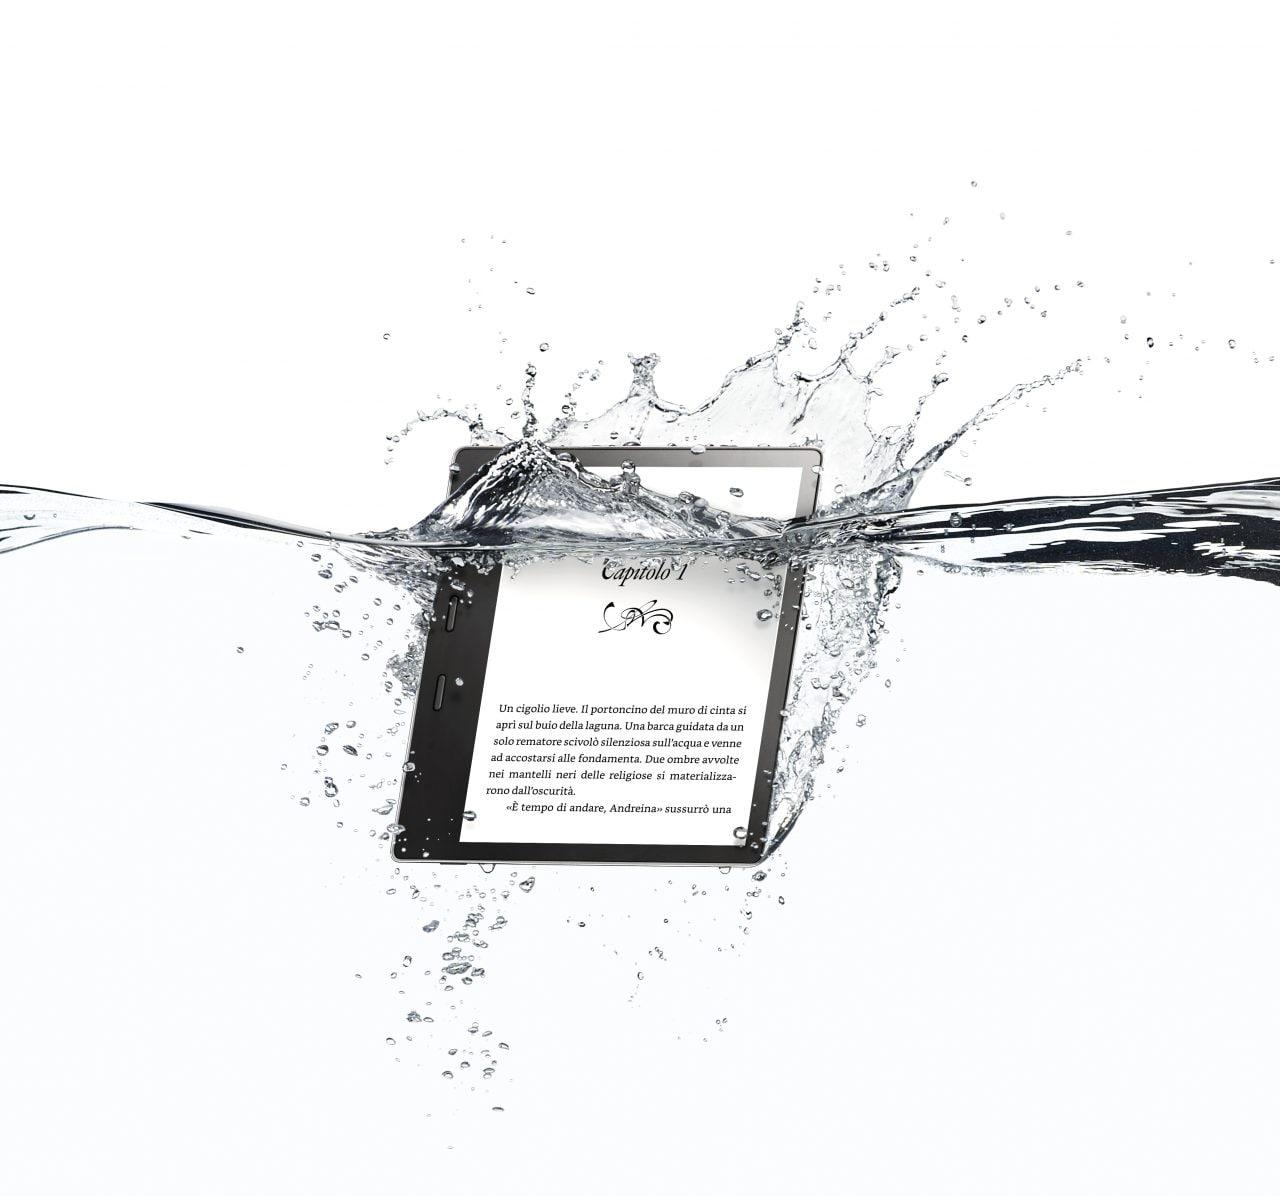 Amazon annuncia il nuovo Kindle Oasis: più grande, più economico e impermeabile (foto)